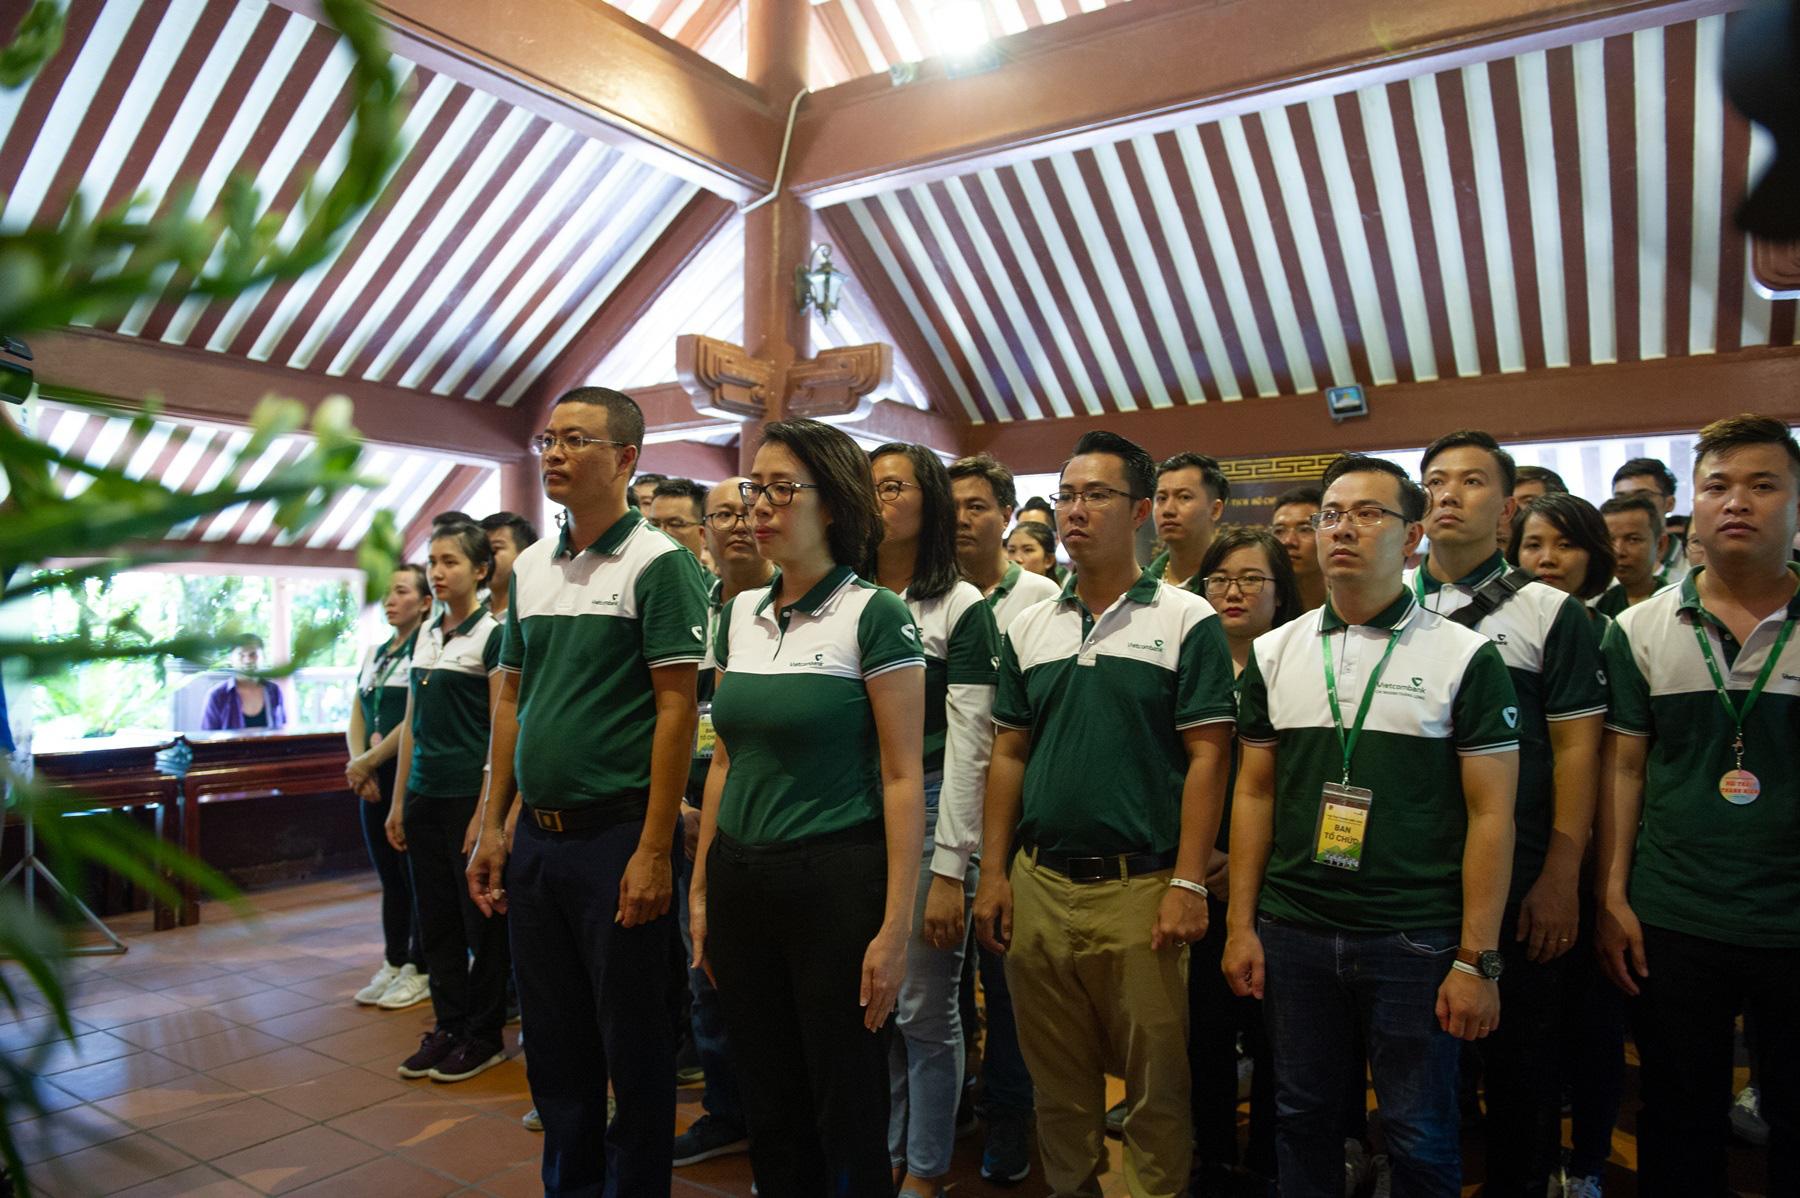 """Hội trại """"Tuổi trẻ Vietcombank – Sắt son niềm tin với Đảng"""" hướng tới chào mừng Đại hội Đảng các cấp - Ảnh 4."""